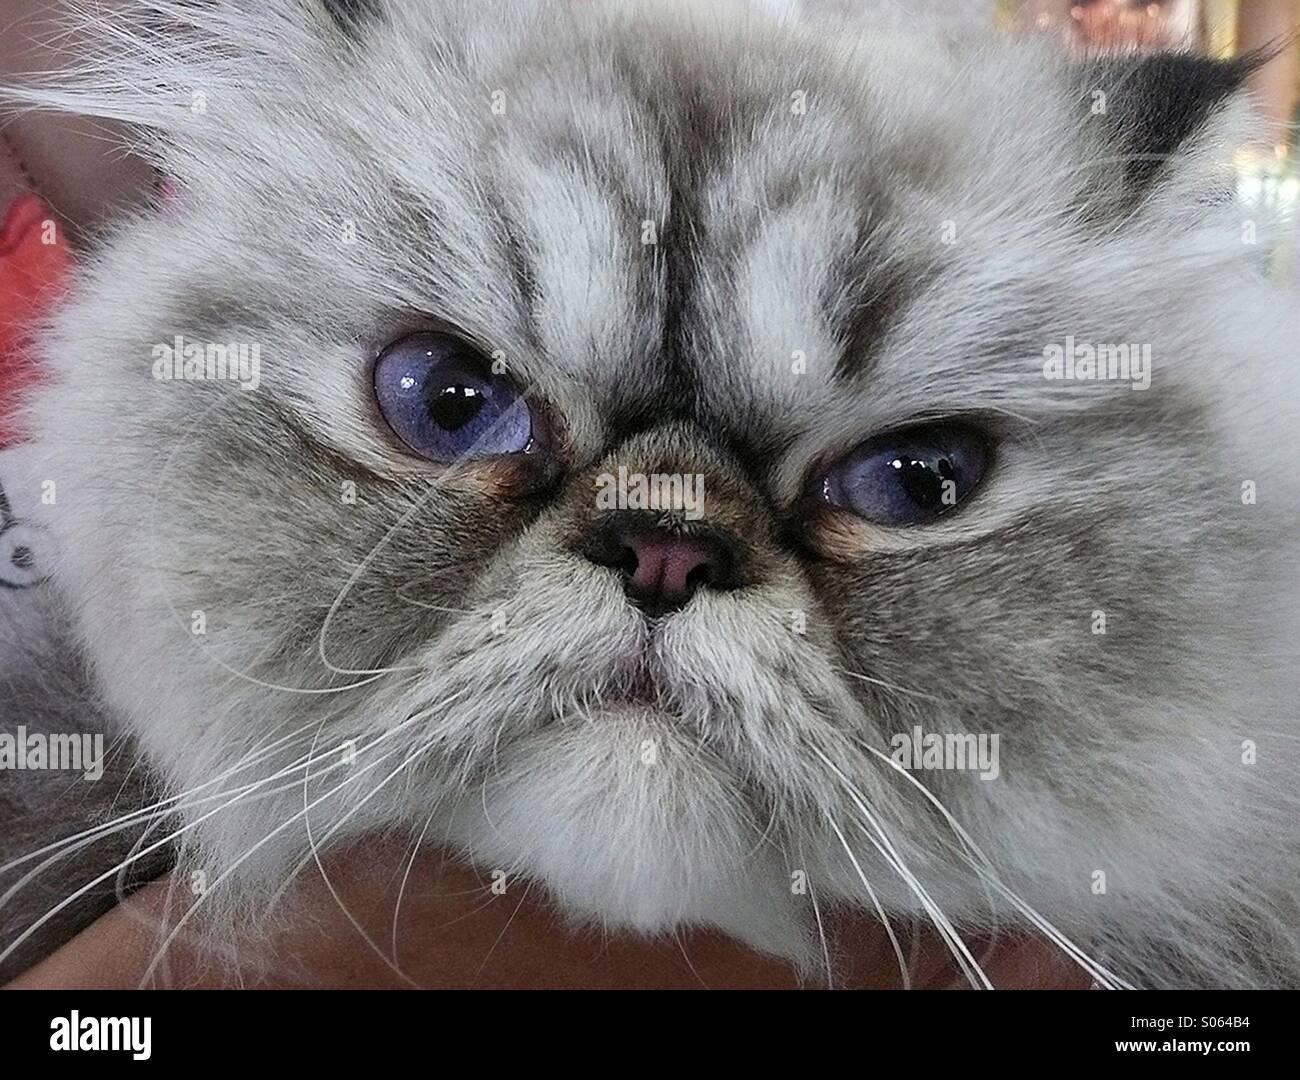 Cat face close-up - Stock Image